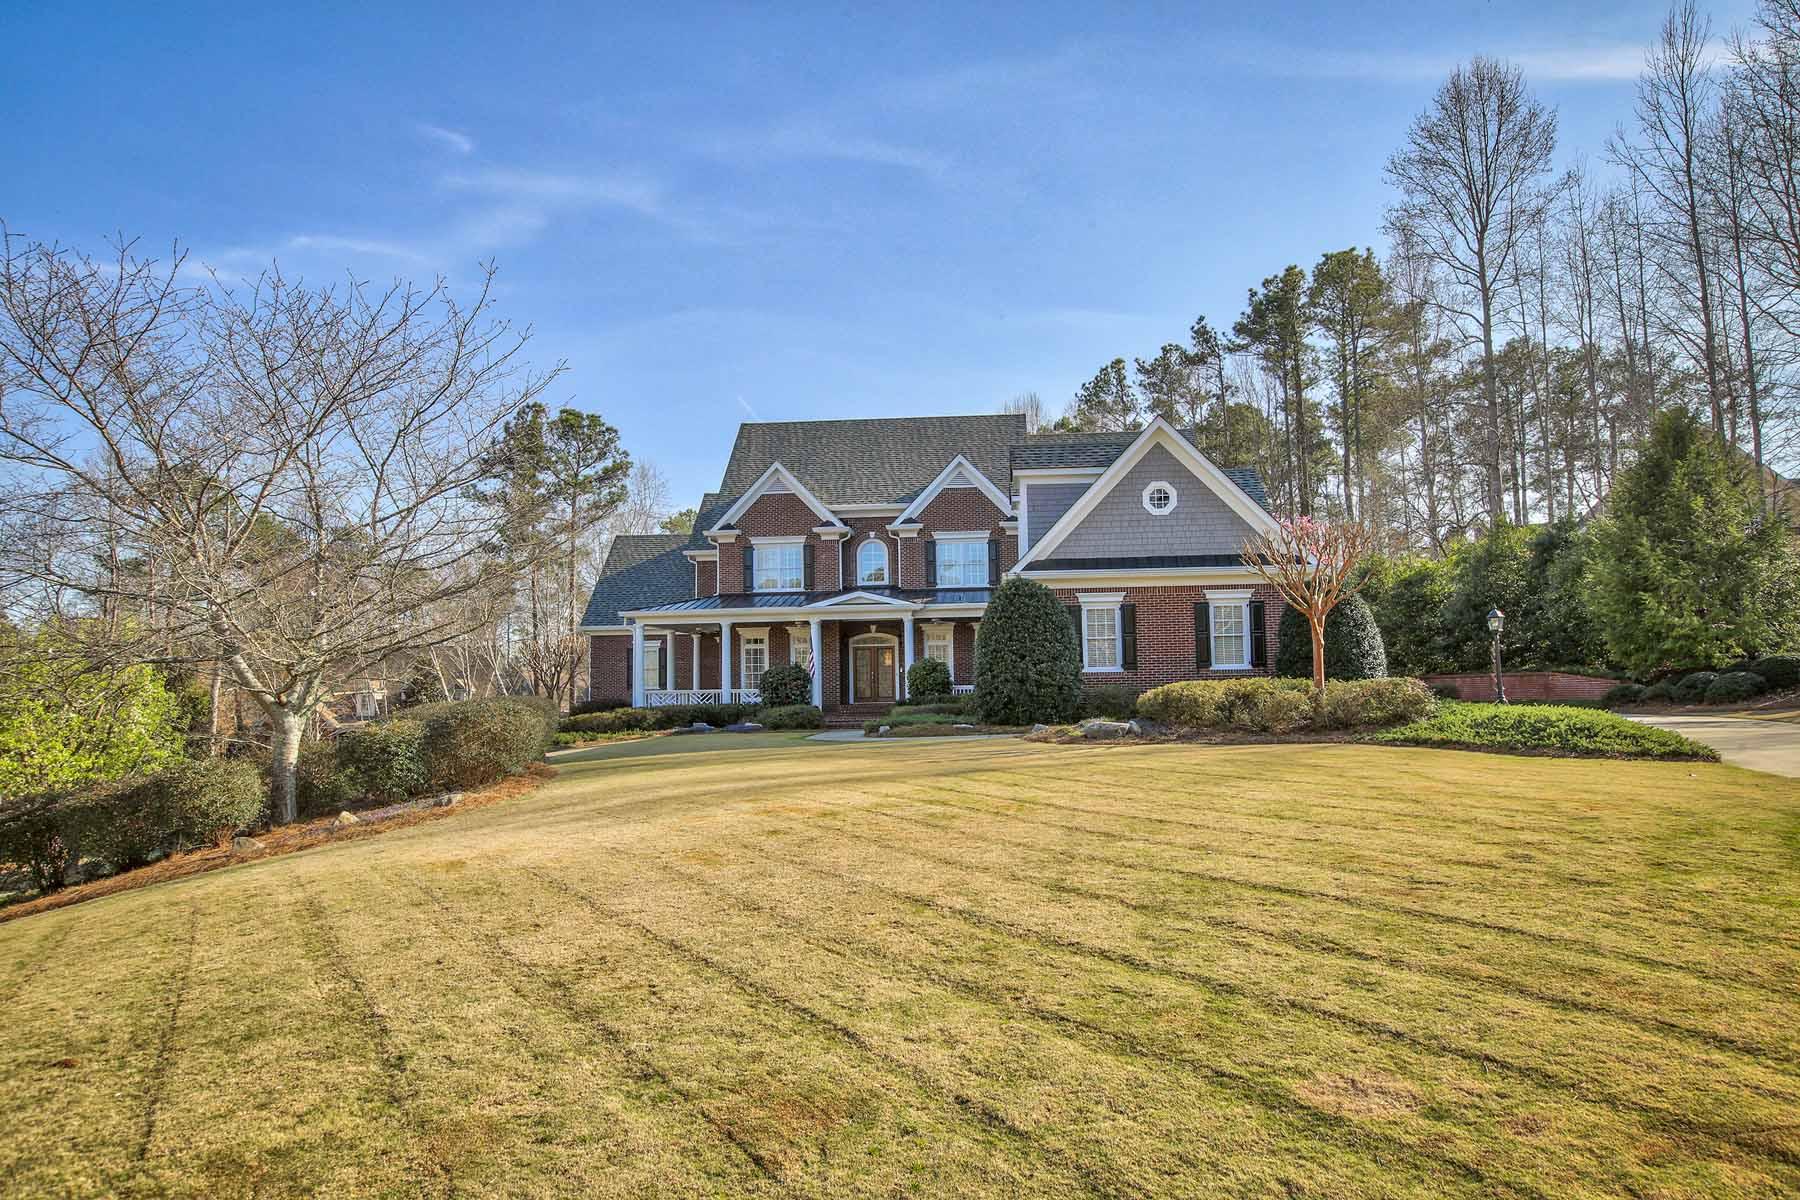 Tek Ailelik Ev için Satış at Impeccable All Brick Estate Home 700 Lake Mist Cove Alpharetta, Georgia, 30004 Amerika Birleşik Devletleri